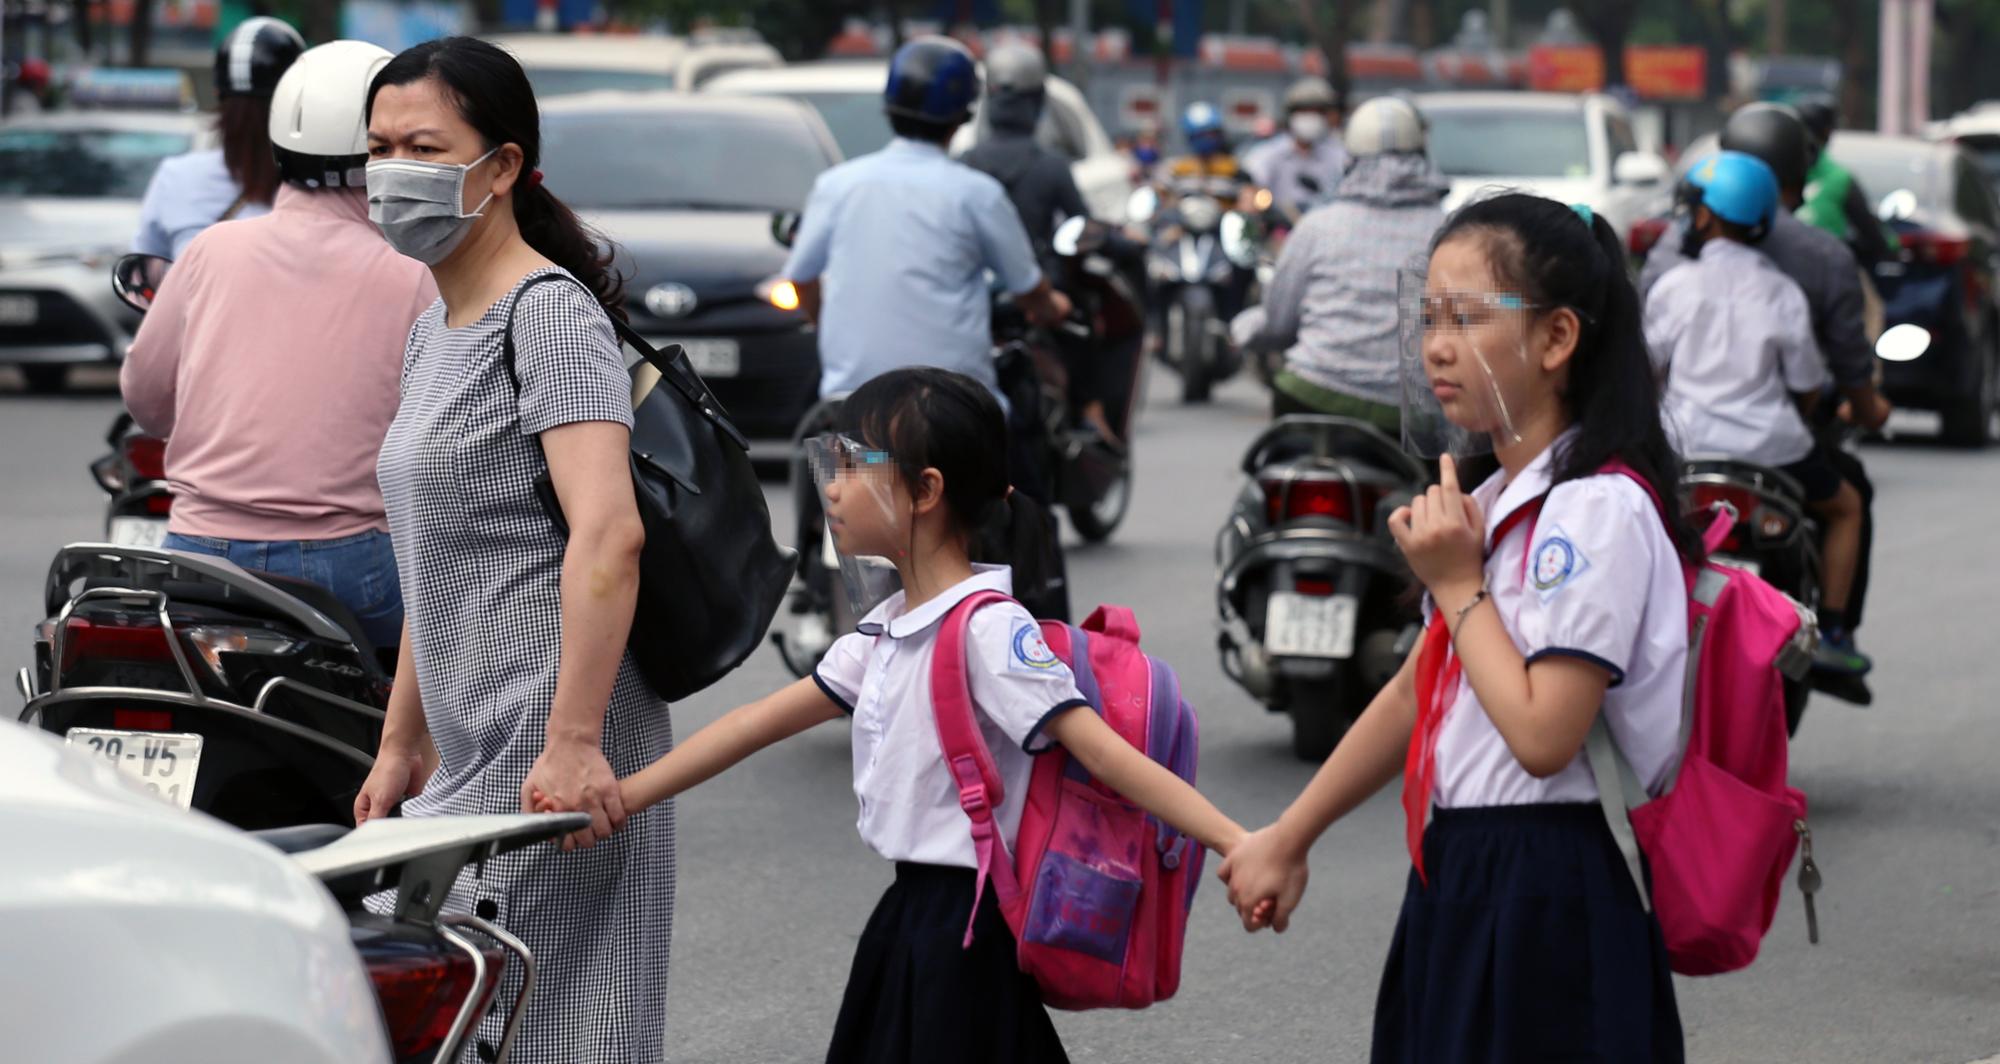 Trở lại trường, học sinh cần lưu ý những vật dụng có nguy cơ bị bám nhiều vi khuẩn nhất để tránh dịch bệnh  - Ảnh 1.